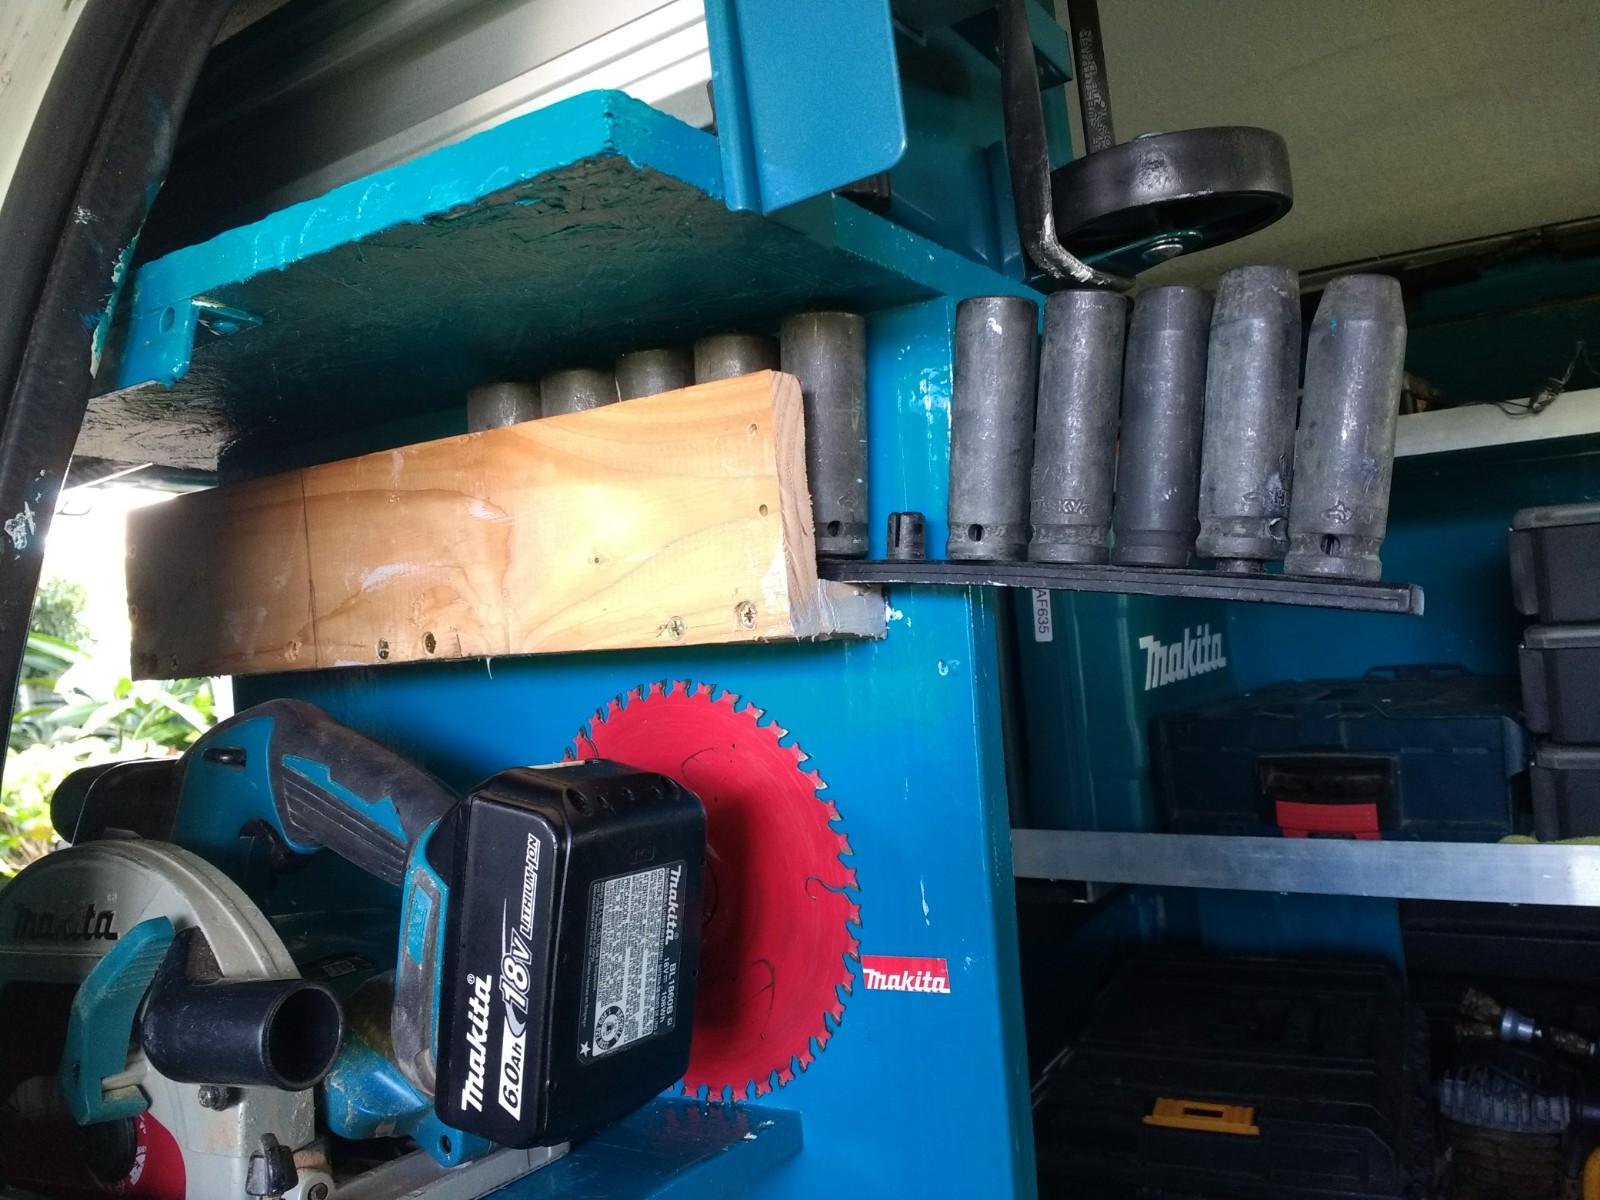 Post your work truck/van thread-img_20181224_113635888.jpg